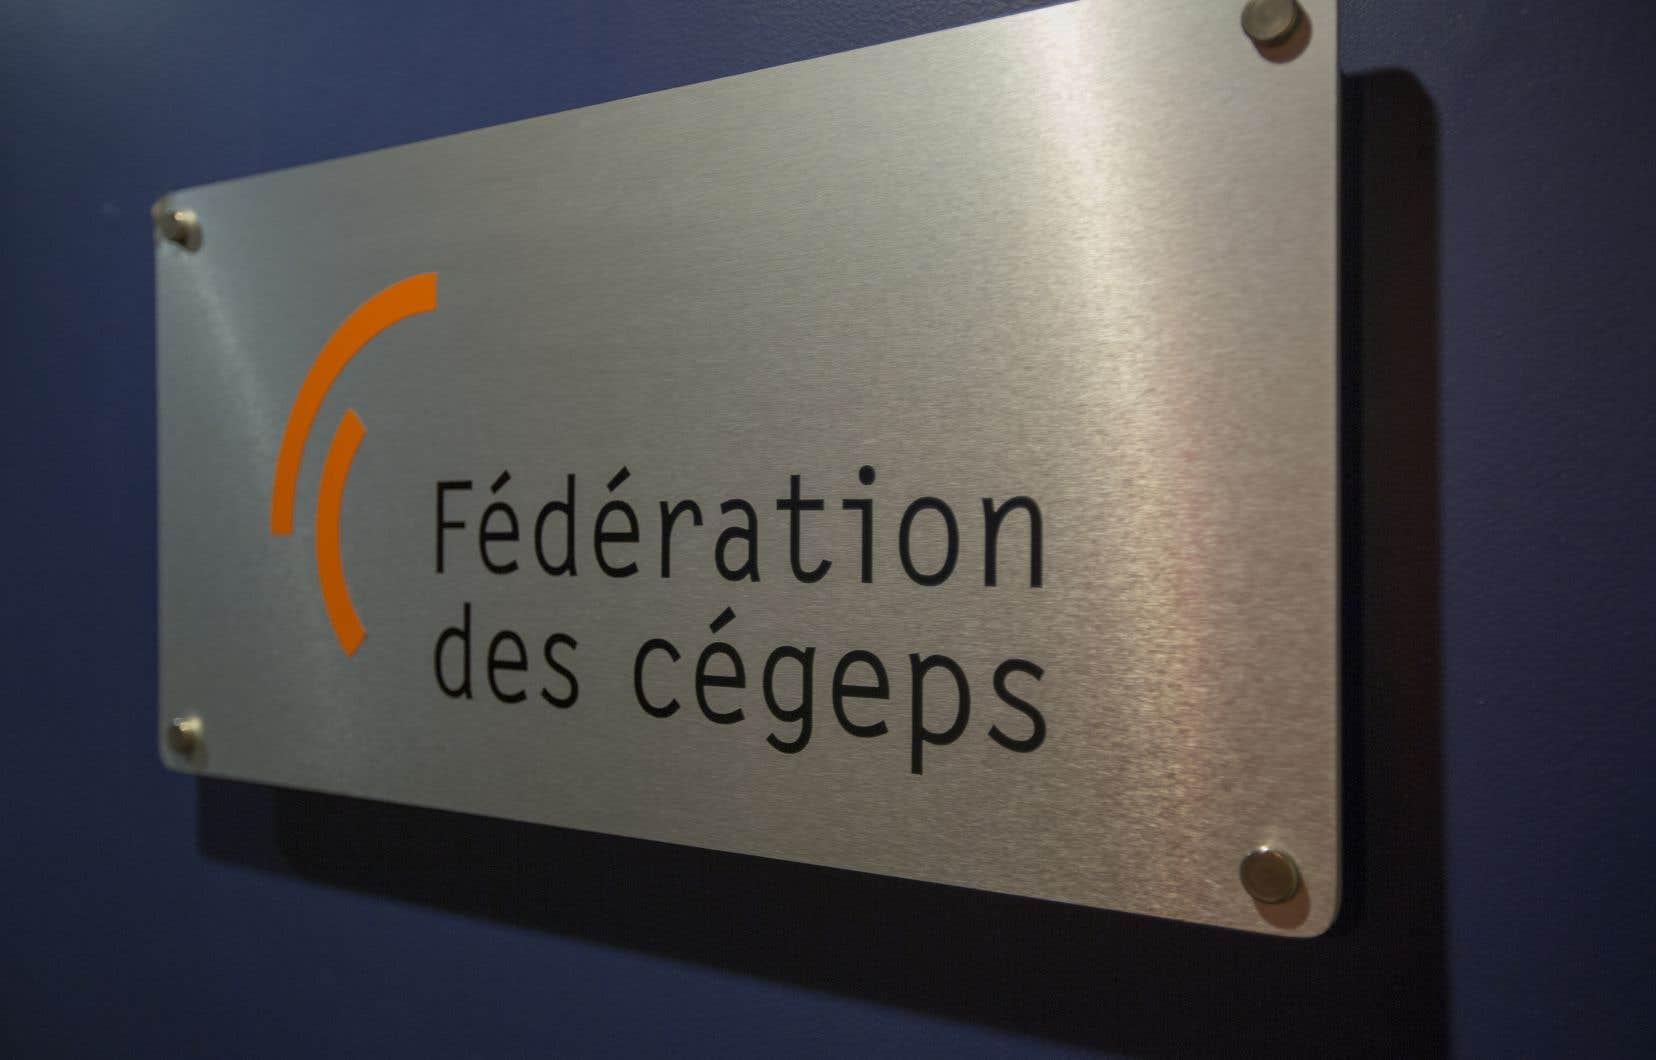 La Fédération des cégeps réclame un financement rétabli à la hauteur qu'il atteignait avant les compressions budgétaires.